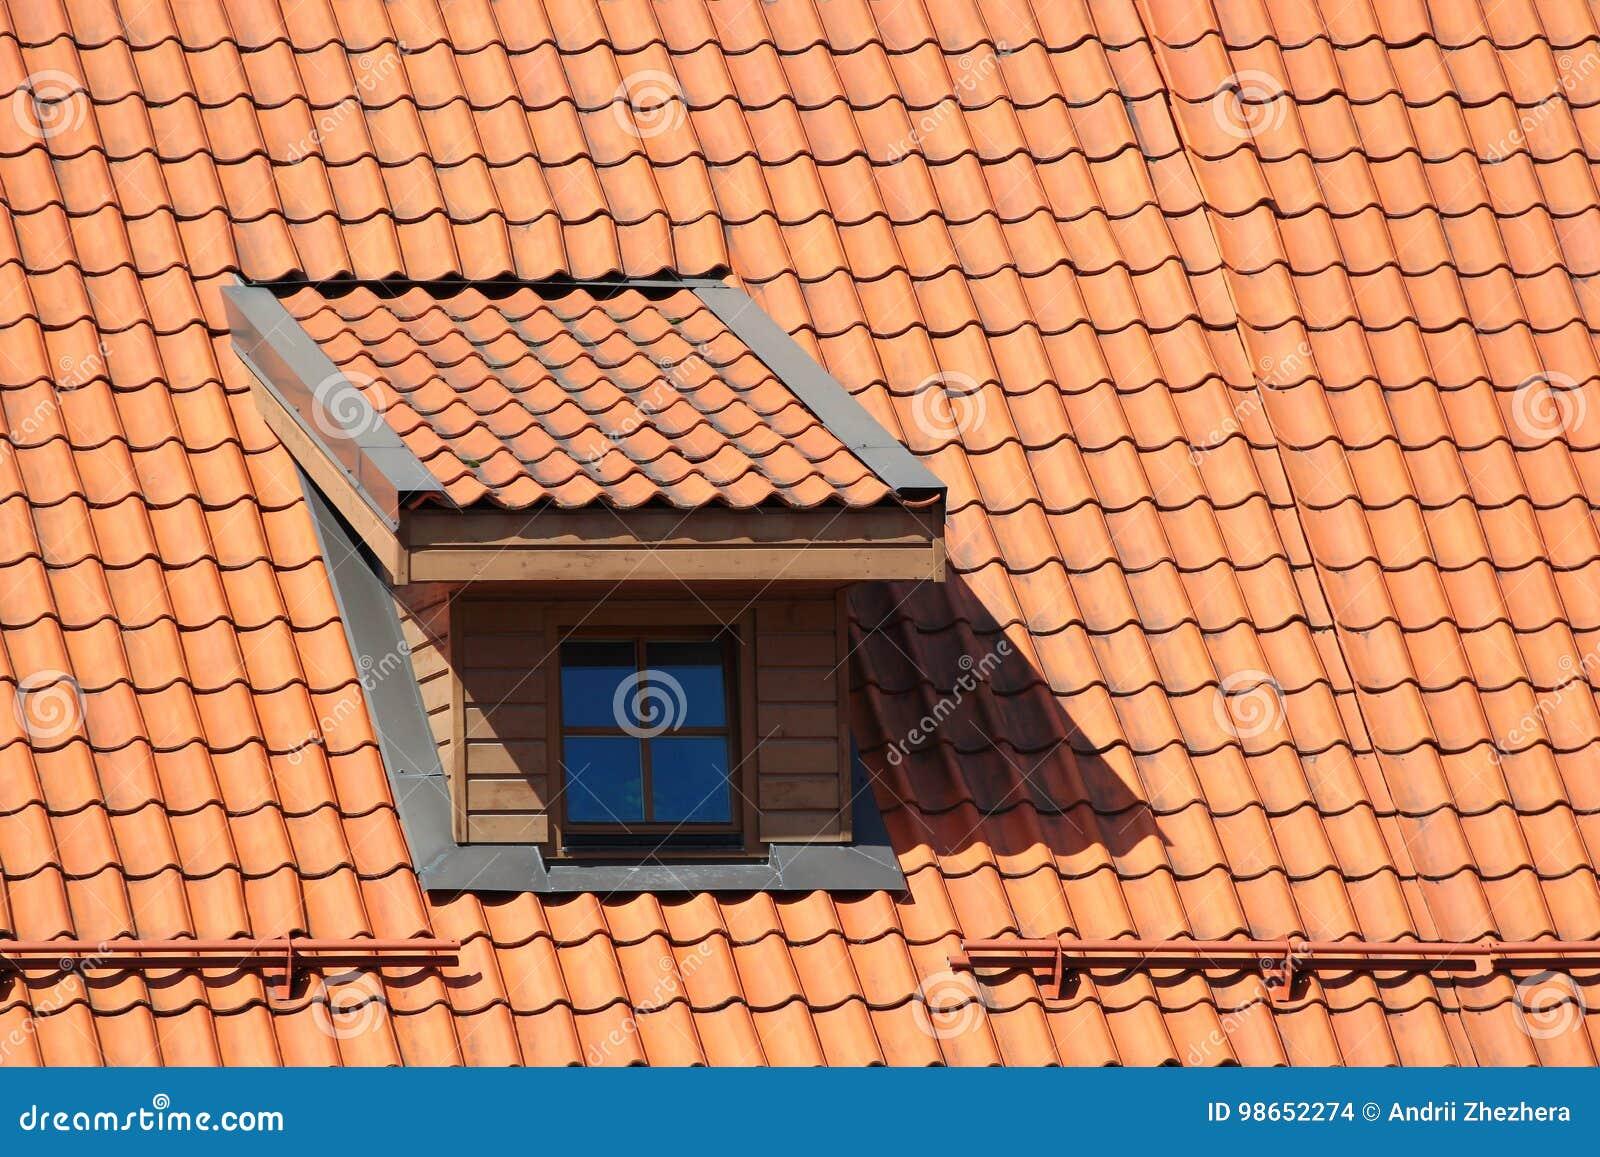 dachbodenfenster im orange mit ziegeln gedeckten dach stockfoto